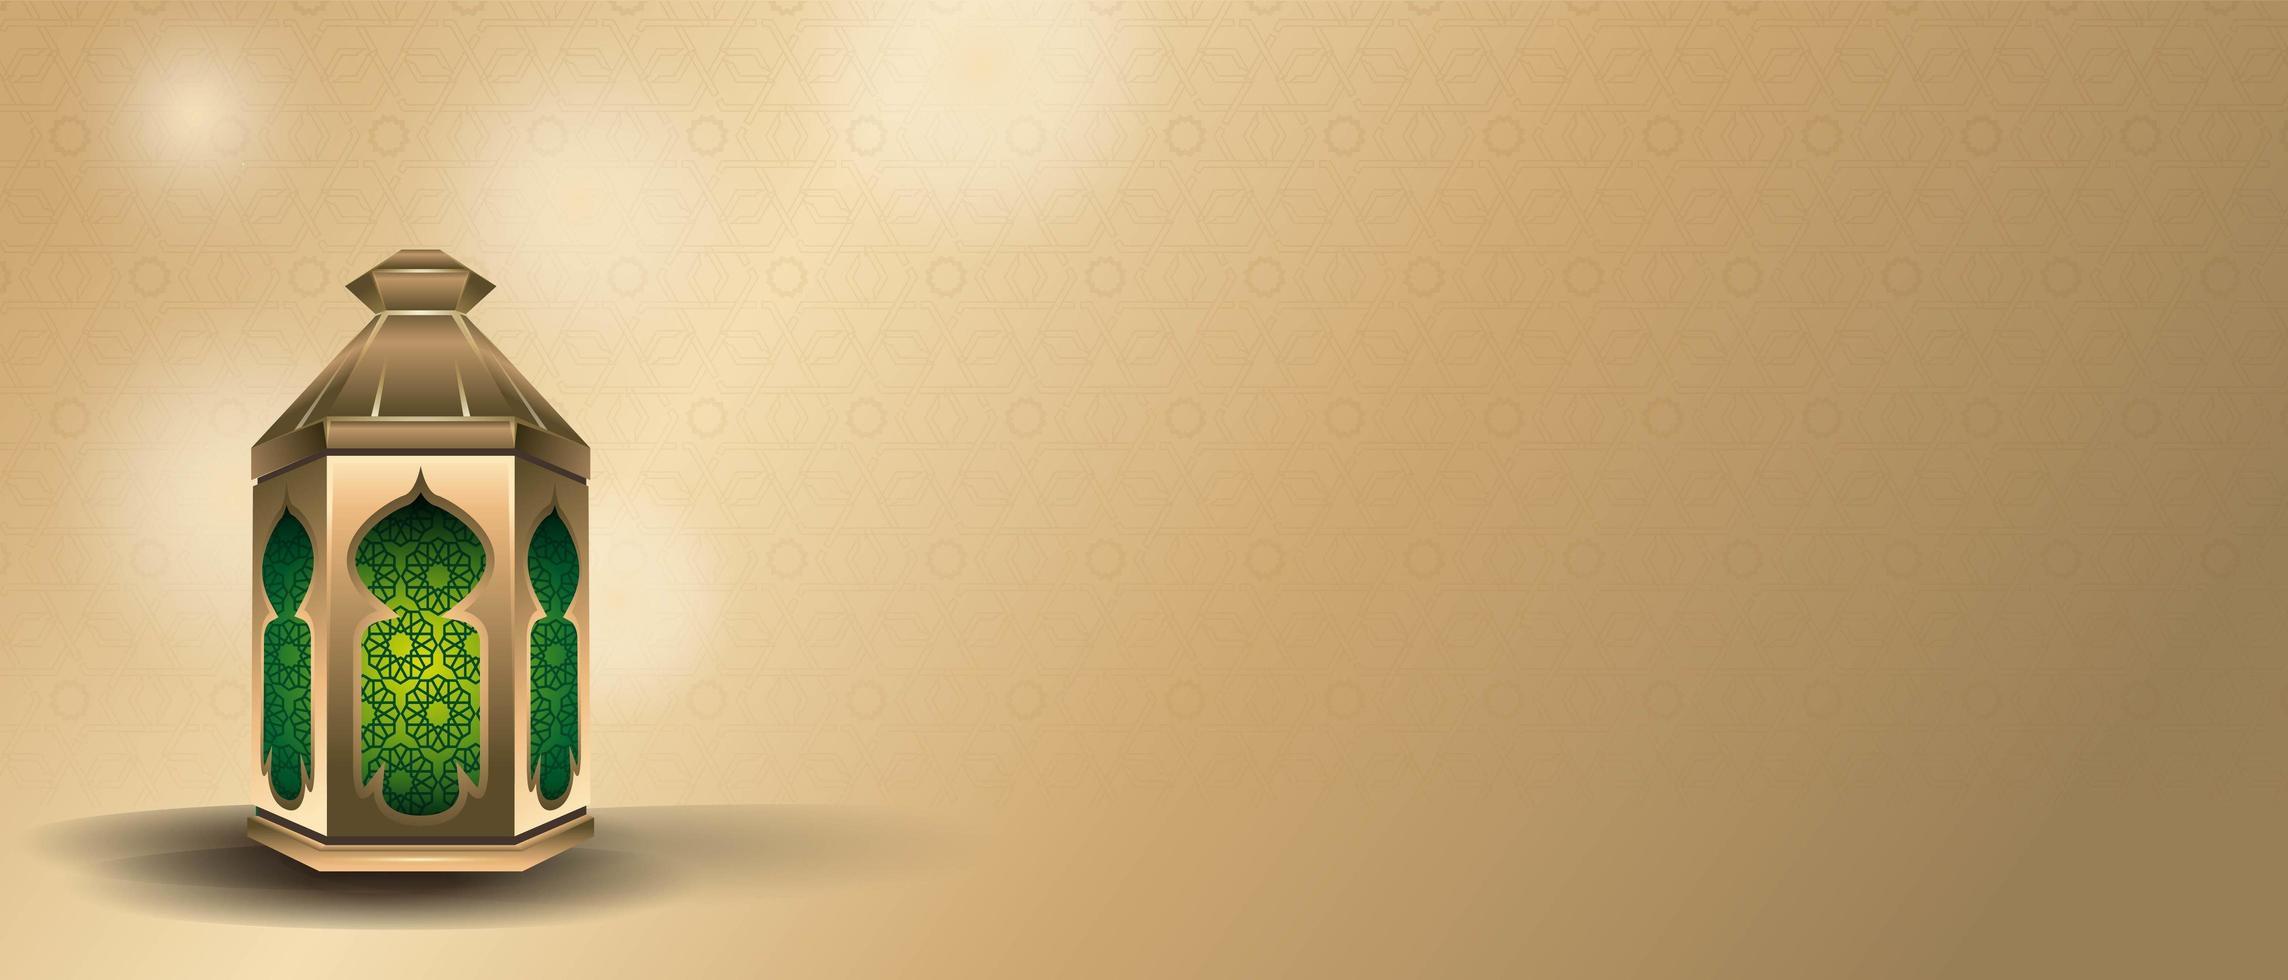 Banner für Ramadan Kareem mit schöner islamischer Laterne vektor